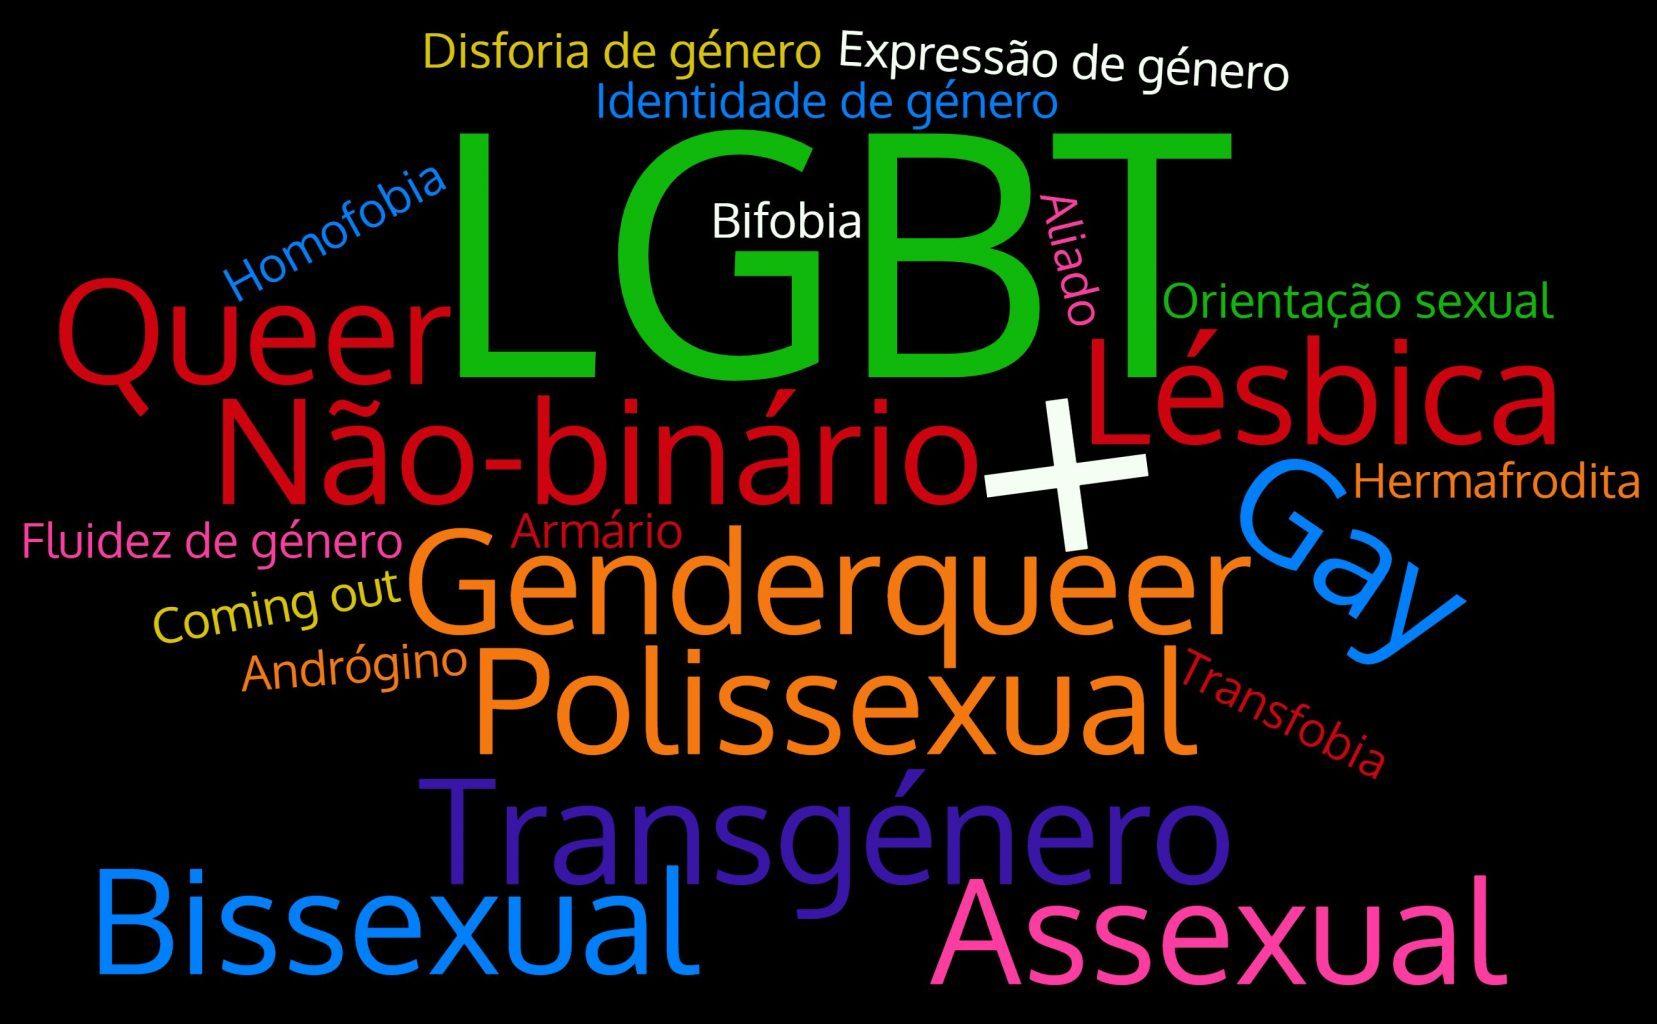 Linguagem LGBT+: em busca de um glossário